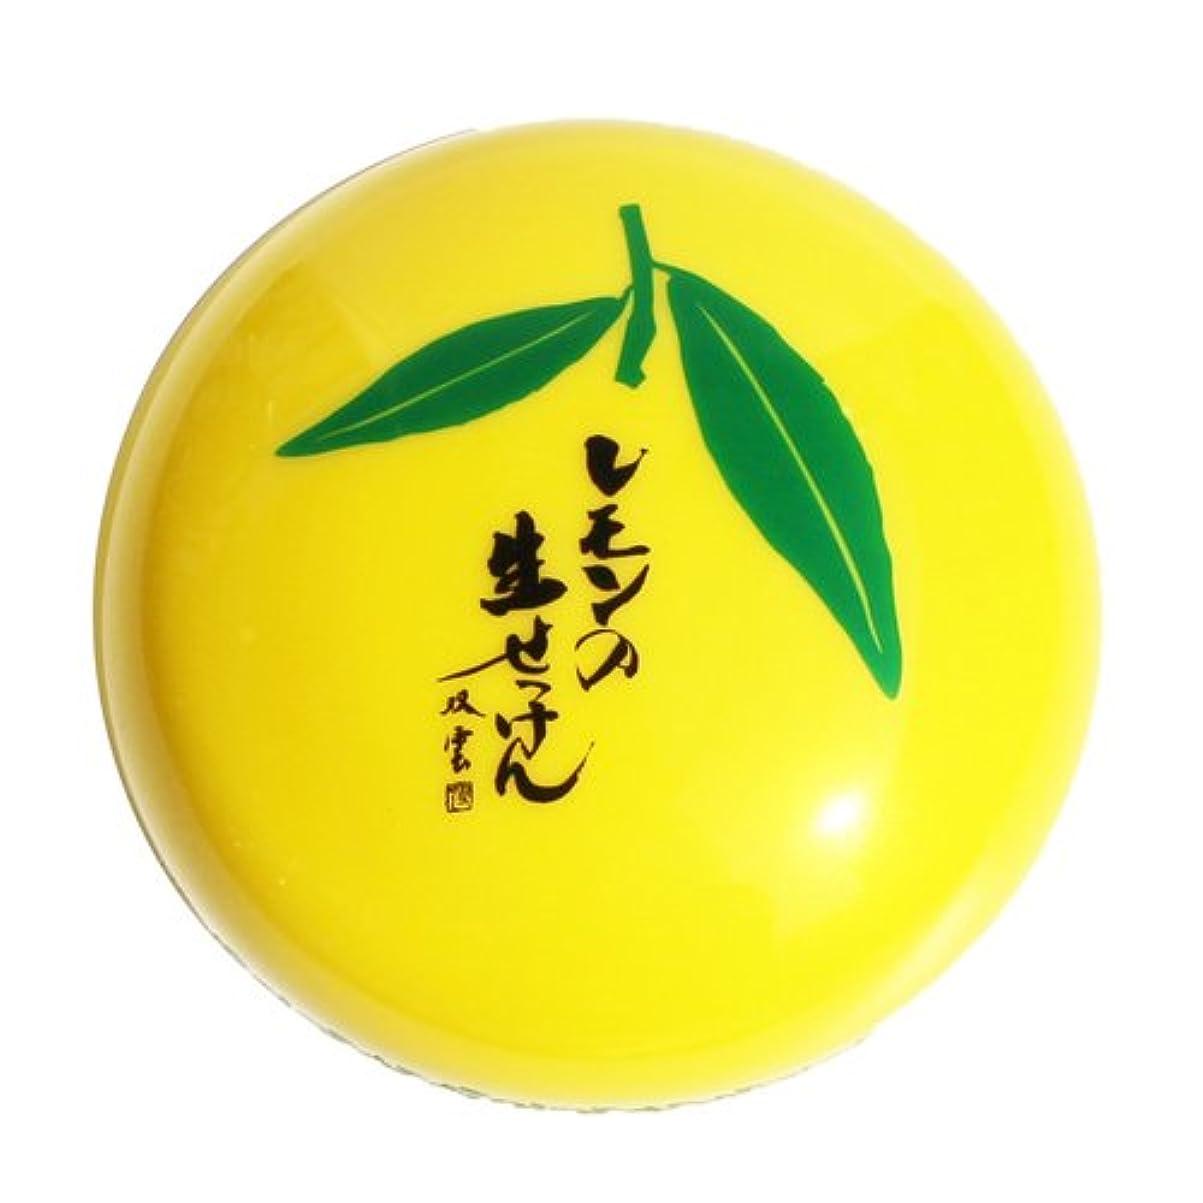 制限メイトチャーター美香柑 レモンの生せっけん 120g